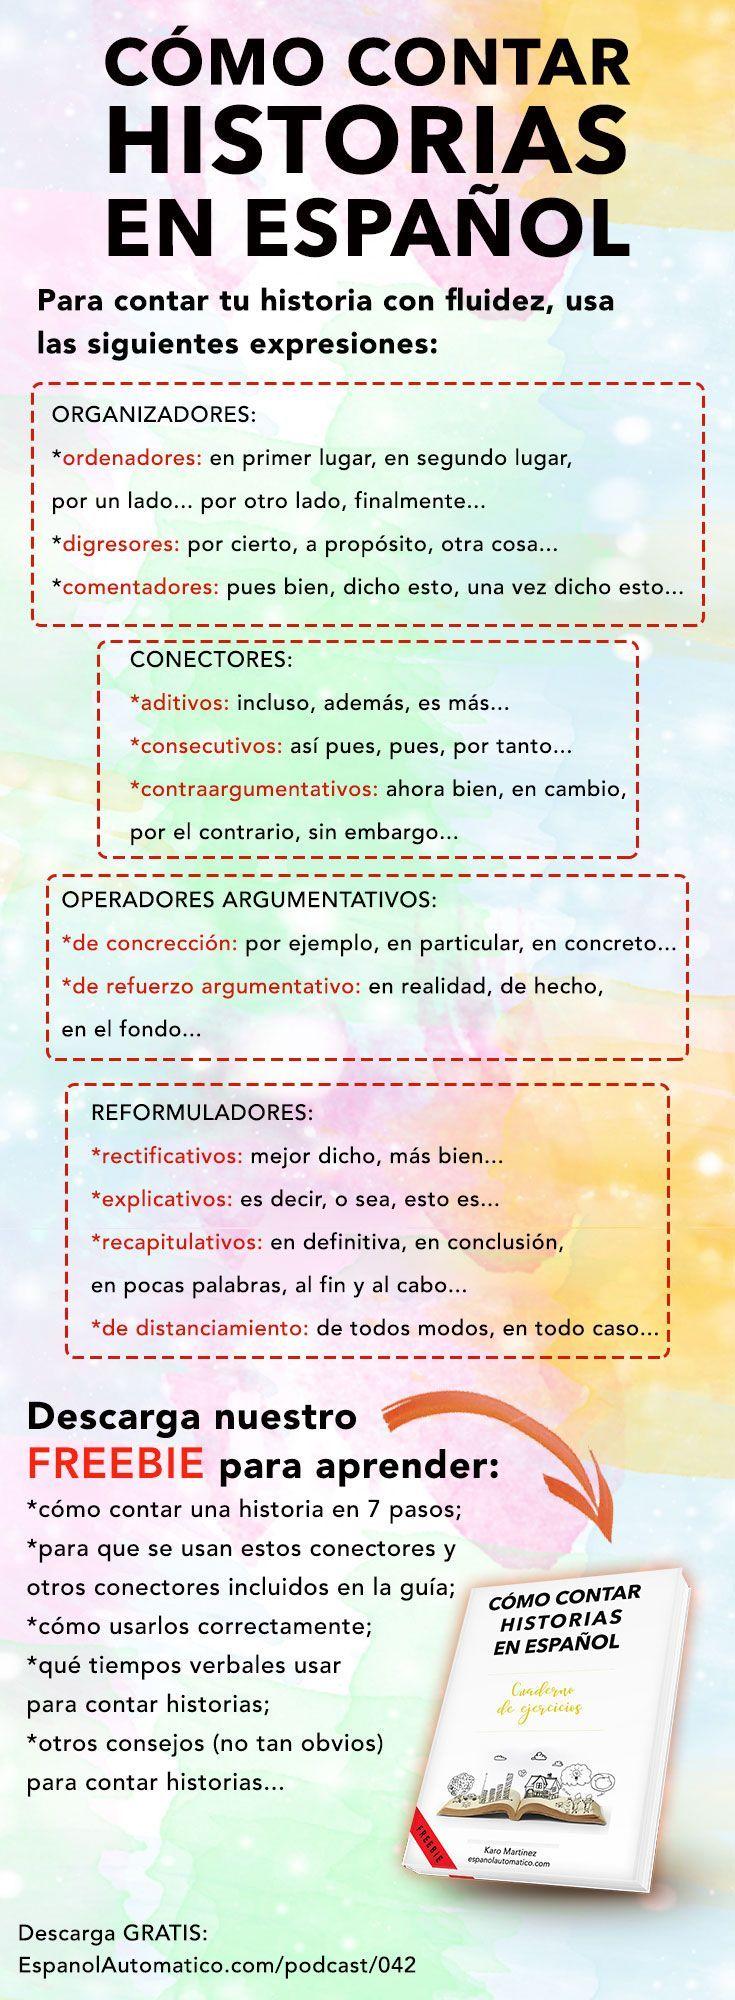 Gran concurso de Español Automático Podcast - celebra con nosotros nuestro primer aniversario. [Podcast 042] Learn Spanish in fun and easy way with our award-winning podcast: http://espanolautomatico.com/podcast/042REPIN for later